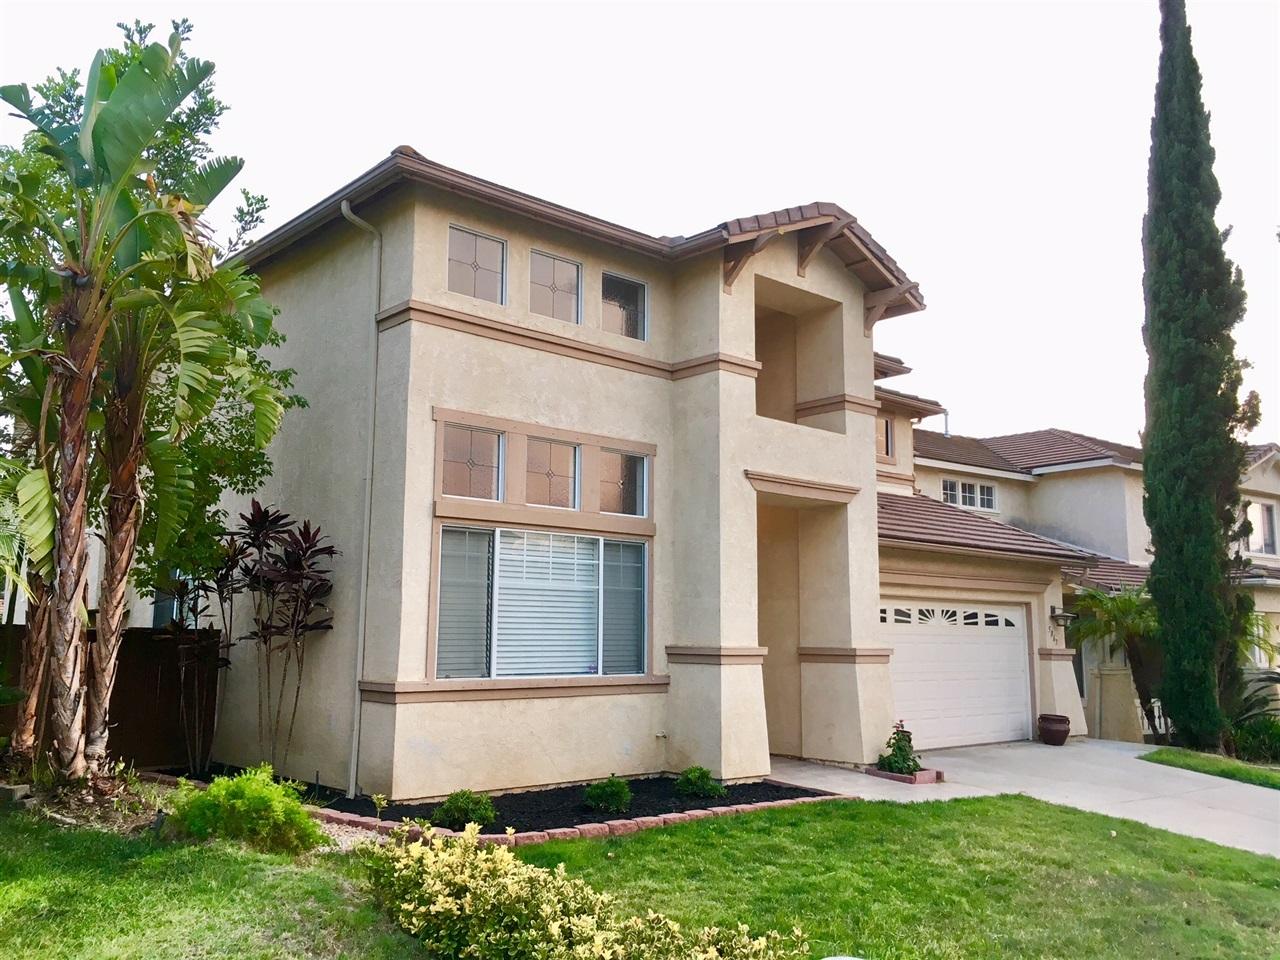 5067 Avocado Park Ln., Fallbrook, CA 92028